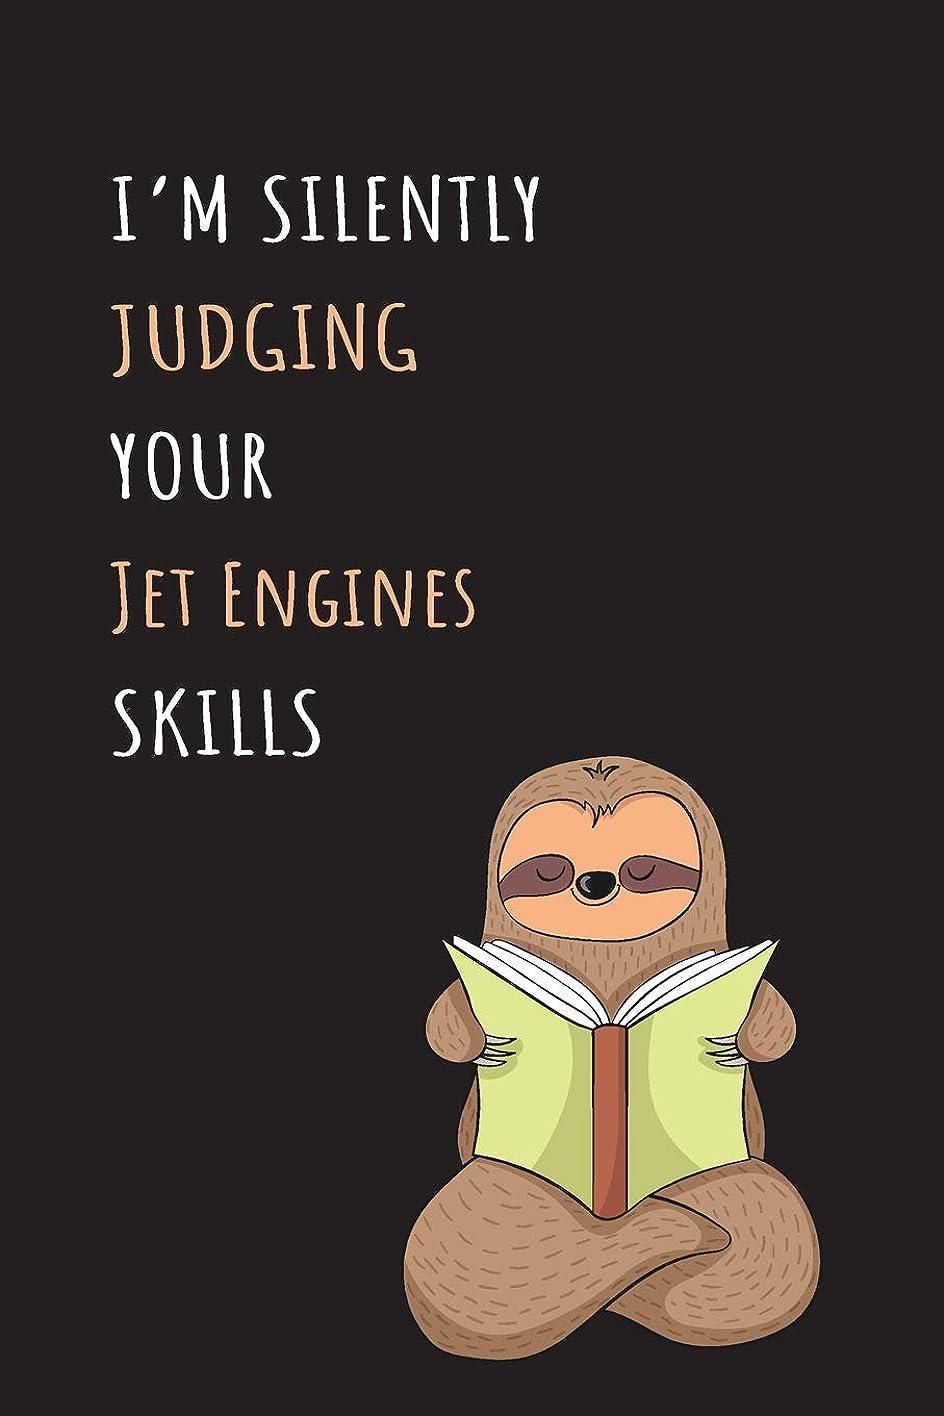 何十人も知り合い冗長I'm Silently Judging Your Jet Engines Skills: Blank Lined Notebook Journal With A Cute and Lazy Sloth Reading